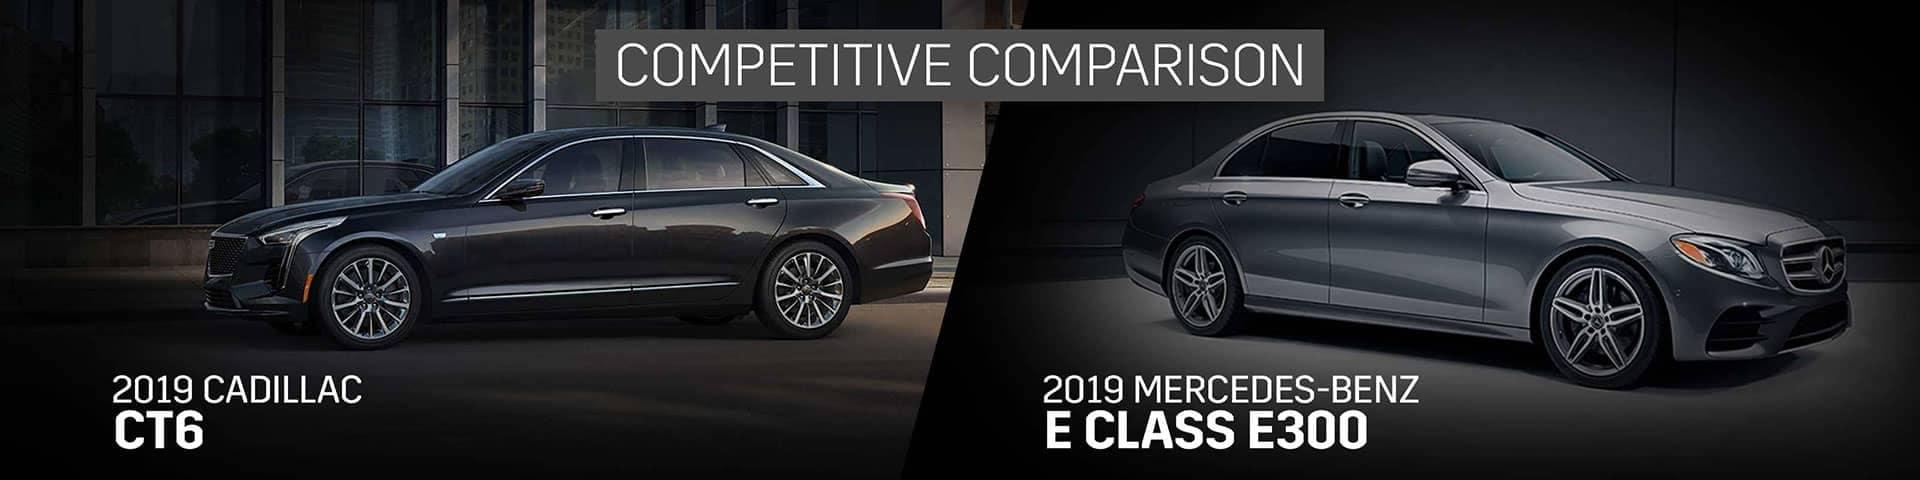 7-compare-2019-cadillac-ct6